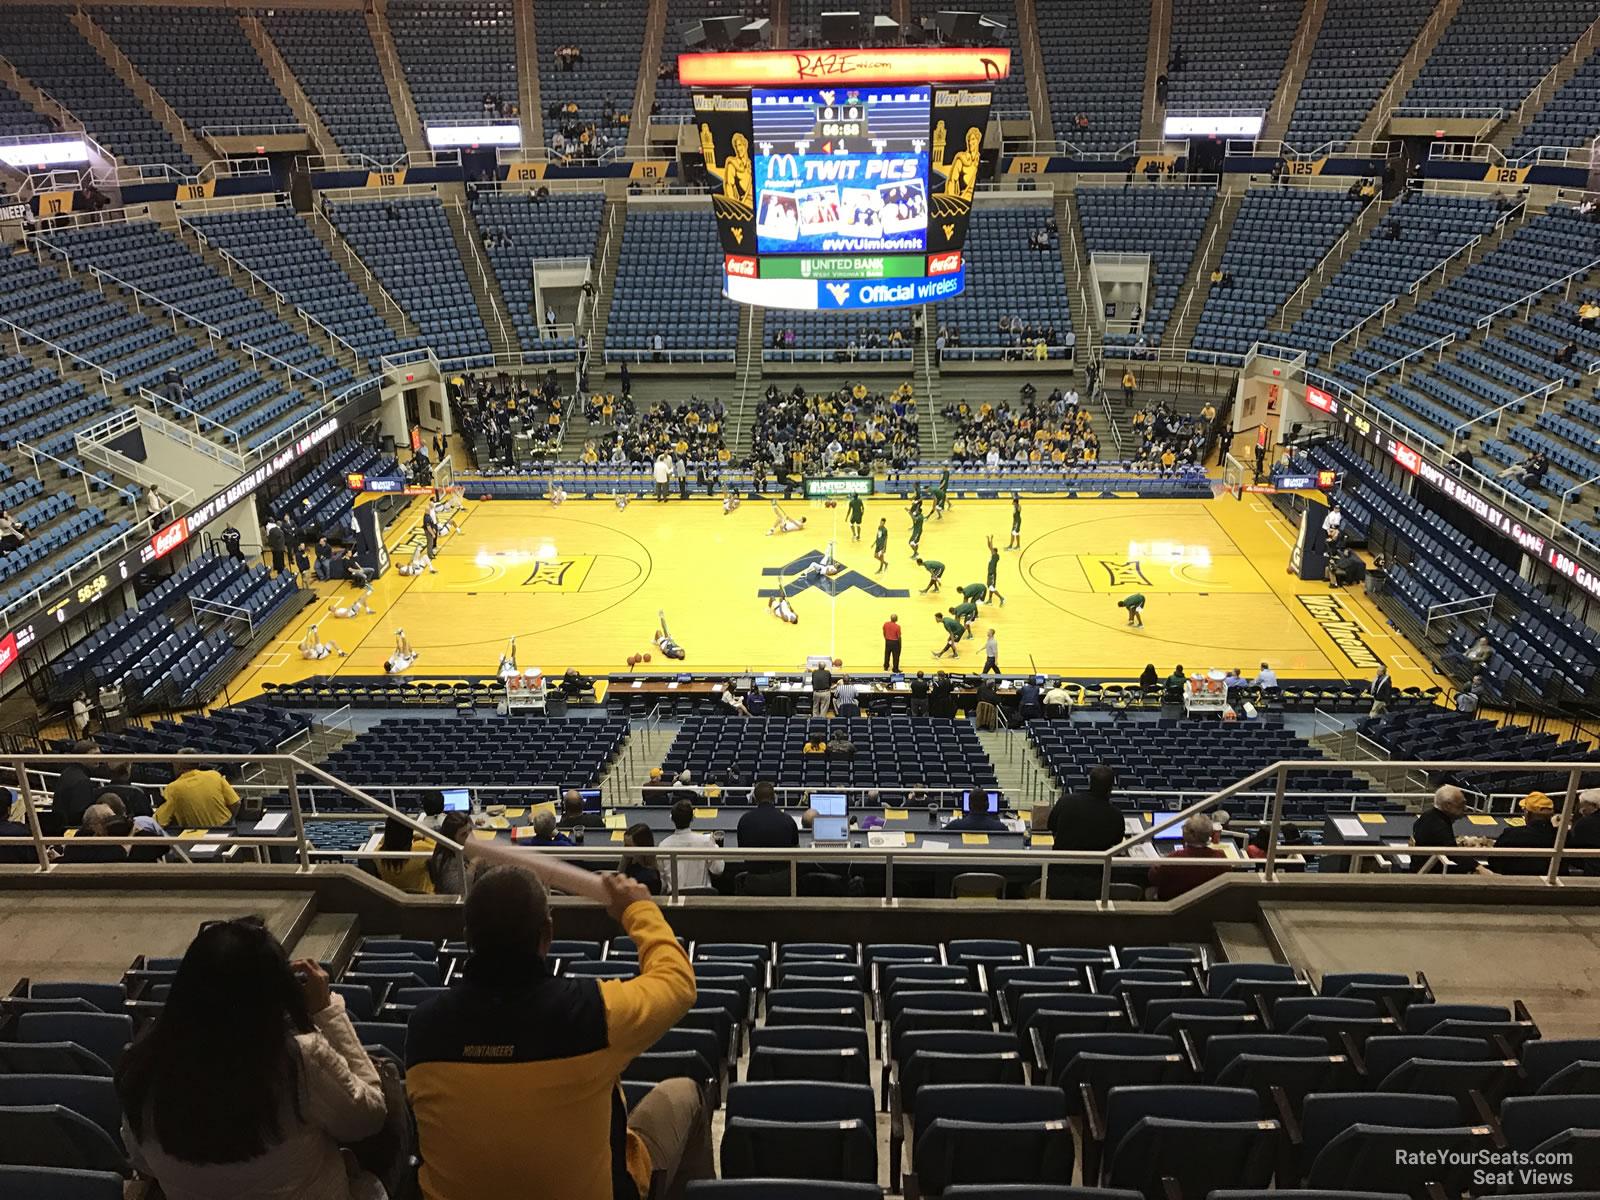 WVU Coliseum Section 211 - RateYourSeats.com